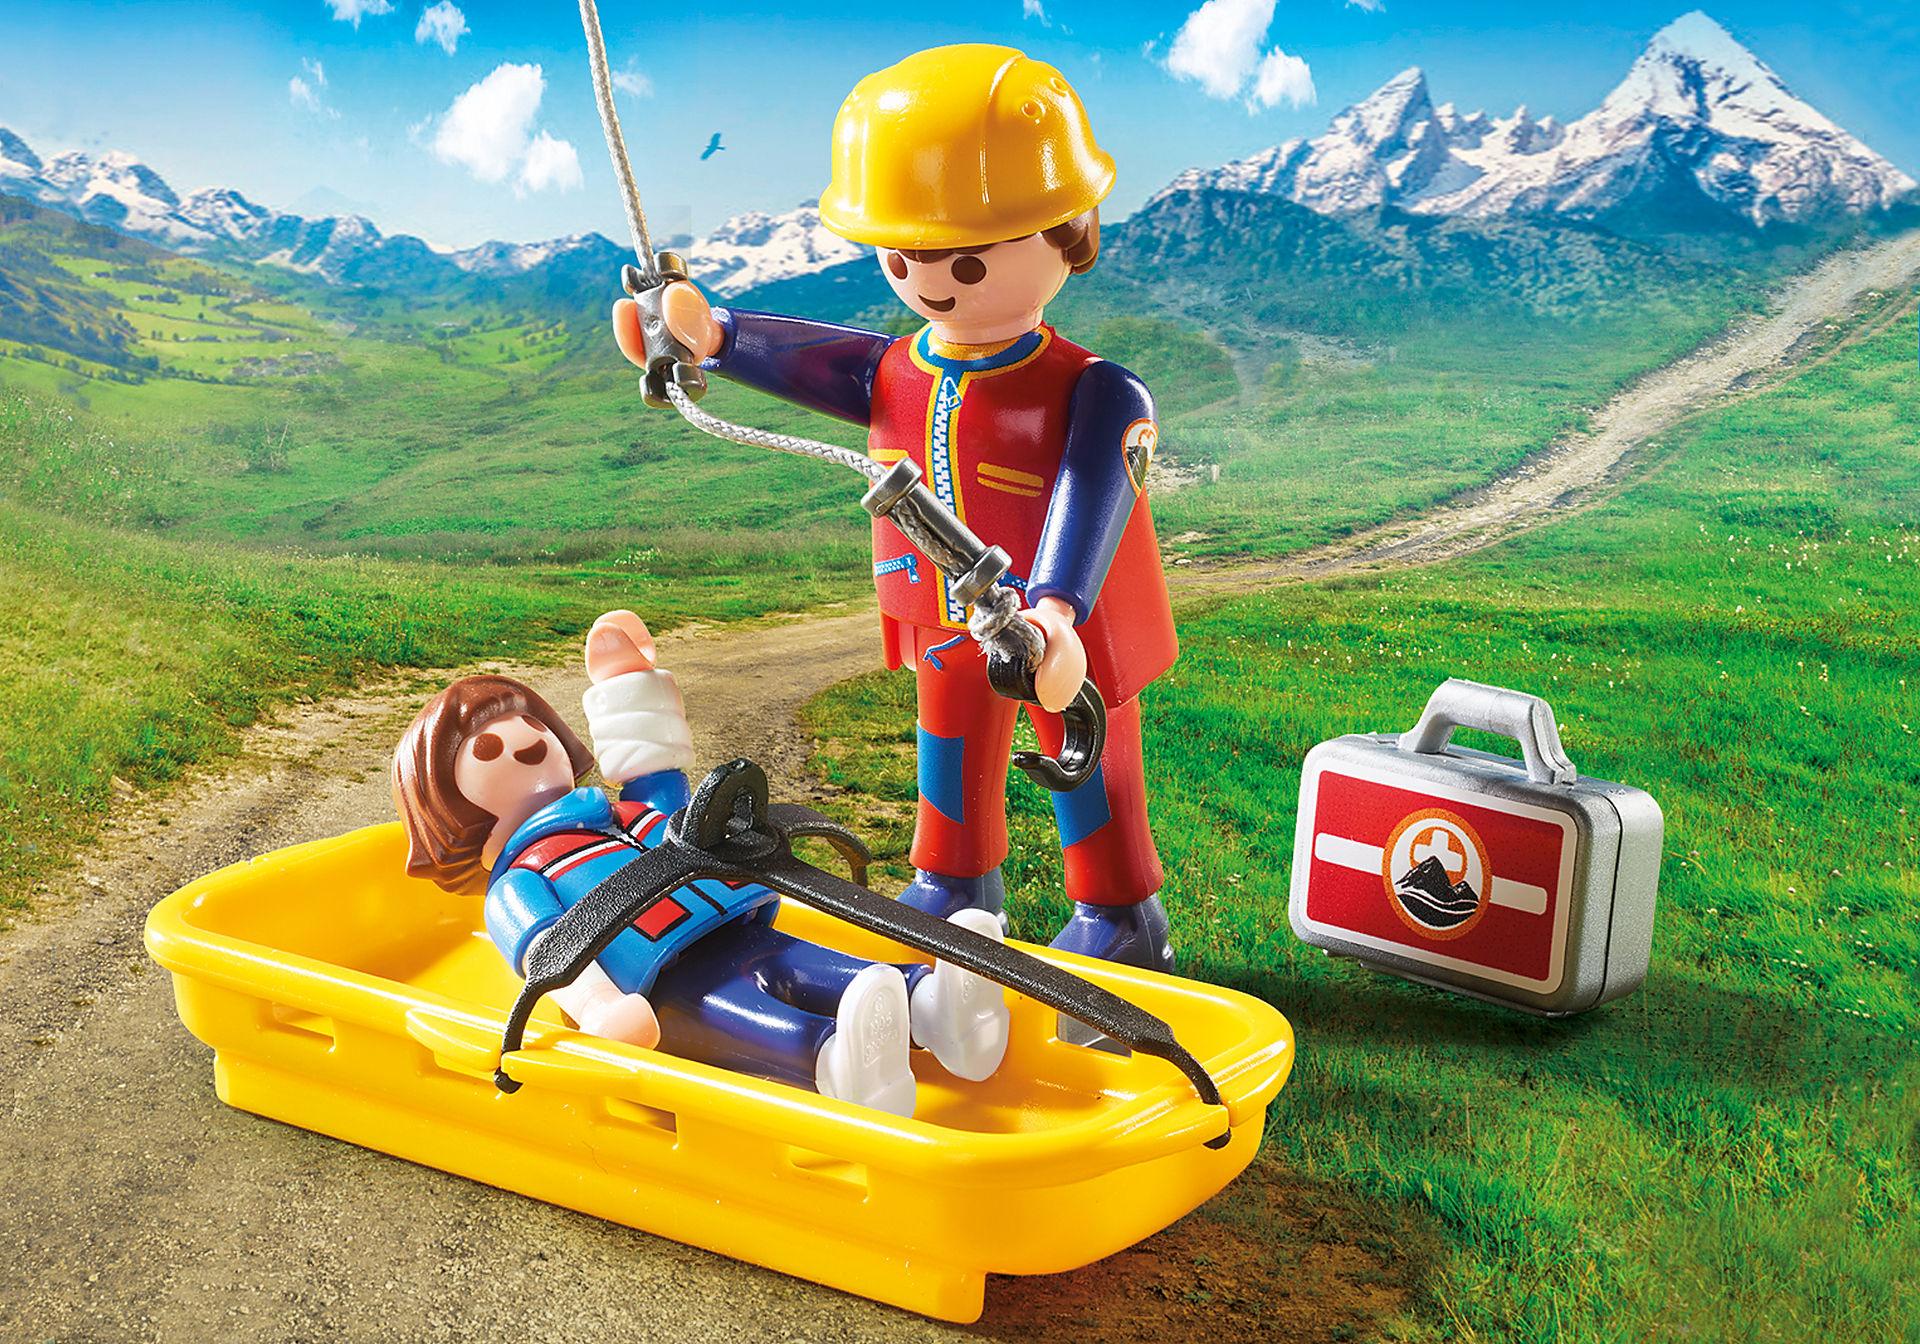 http://media.playmobil.com/i/playmobil/9127_product_extra3/Secouristes des montagnes avec hélicoptère